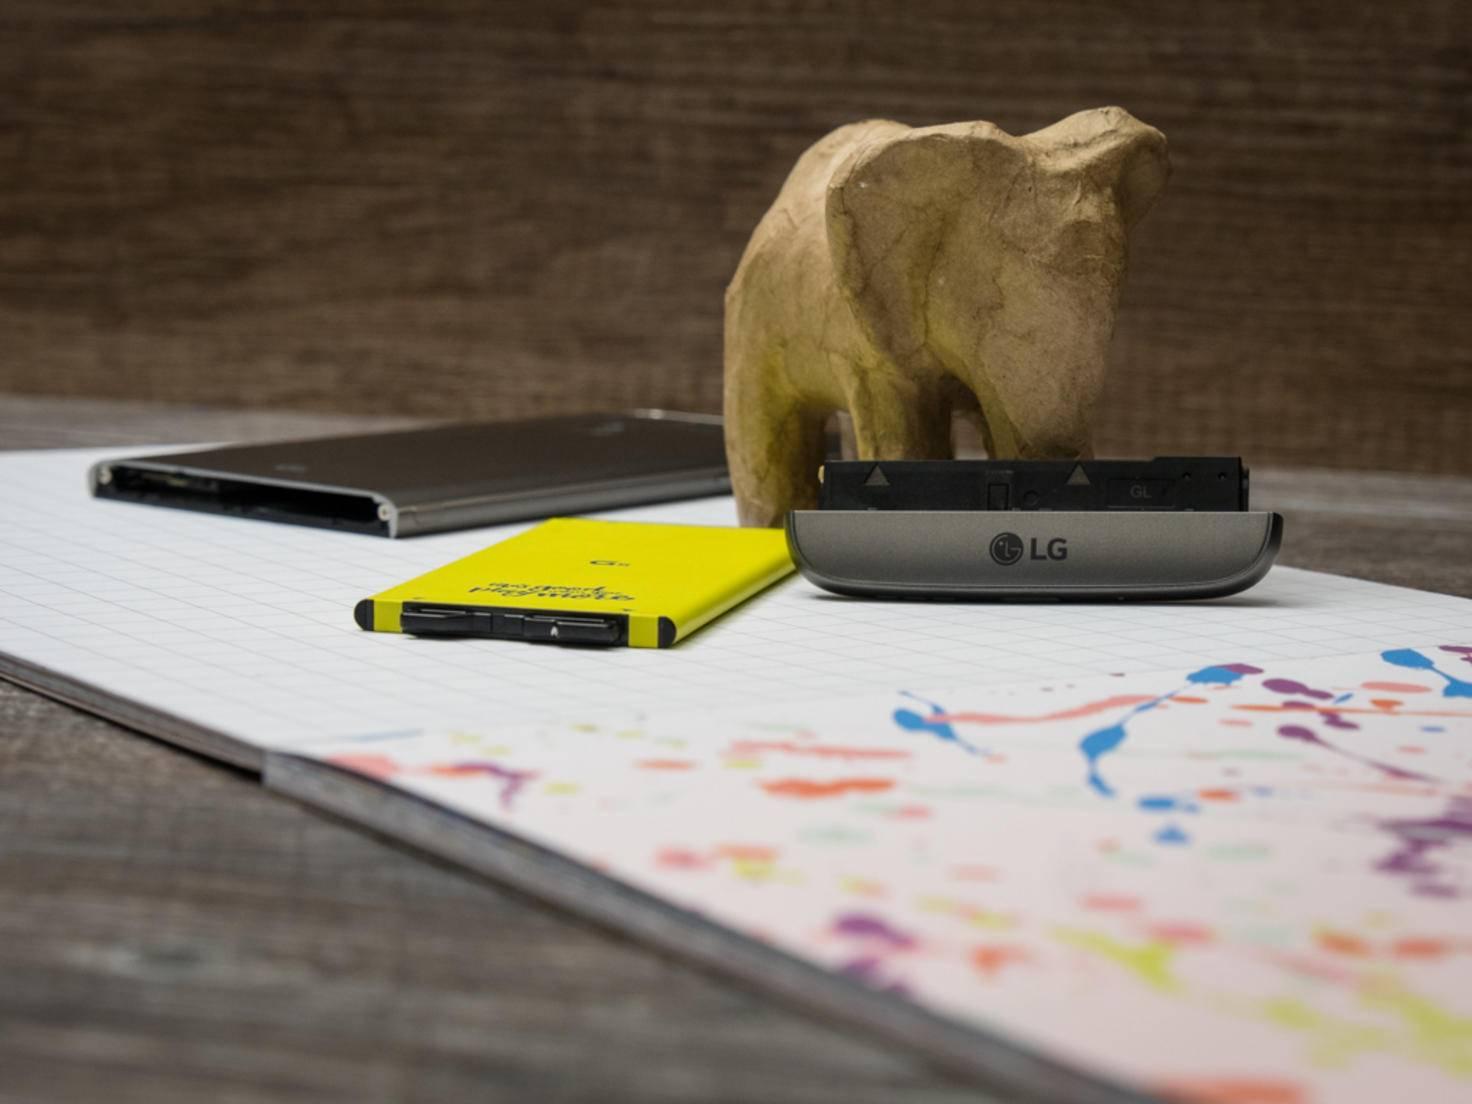 Das LG G5 zerlegt.